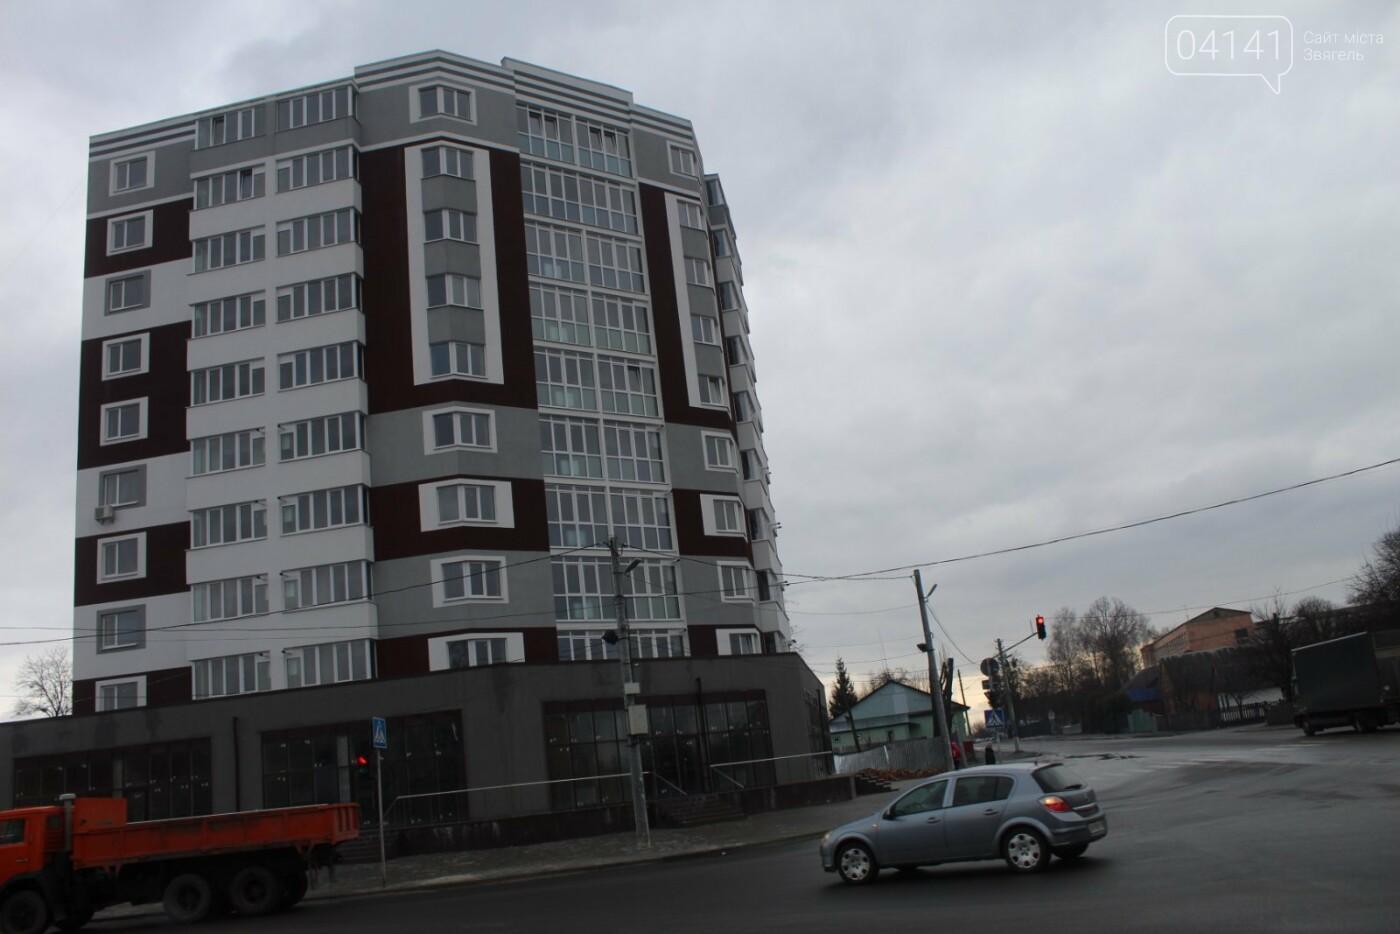 Як виглядають новобудови Новограда-Волинського (ФОТОРЕПОРТАЖ), фото-12